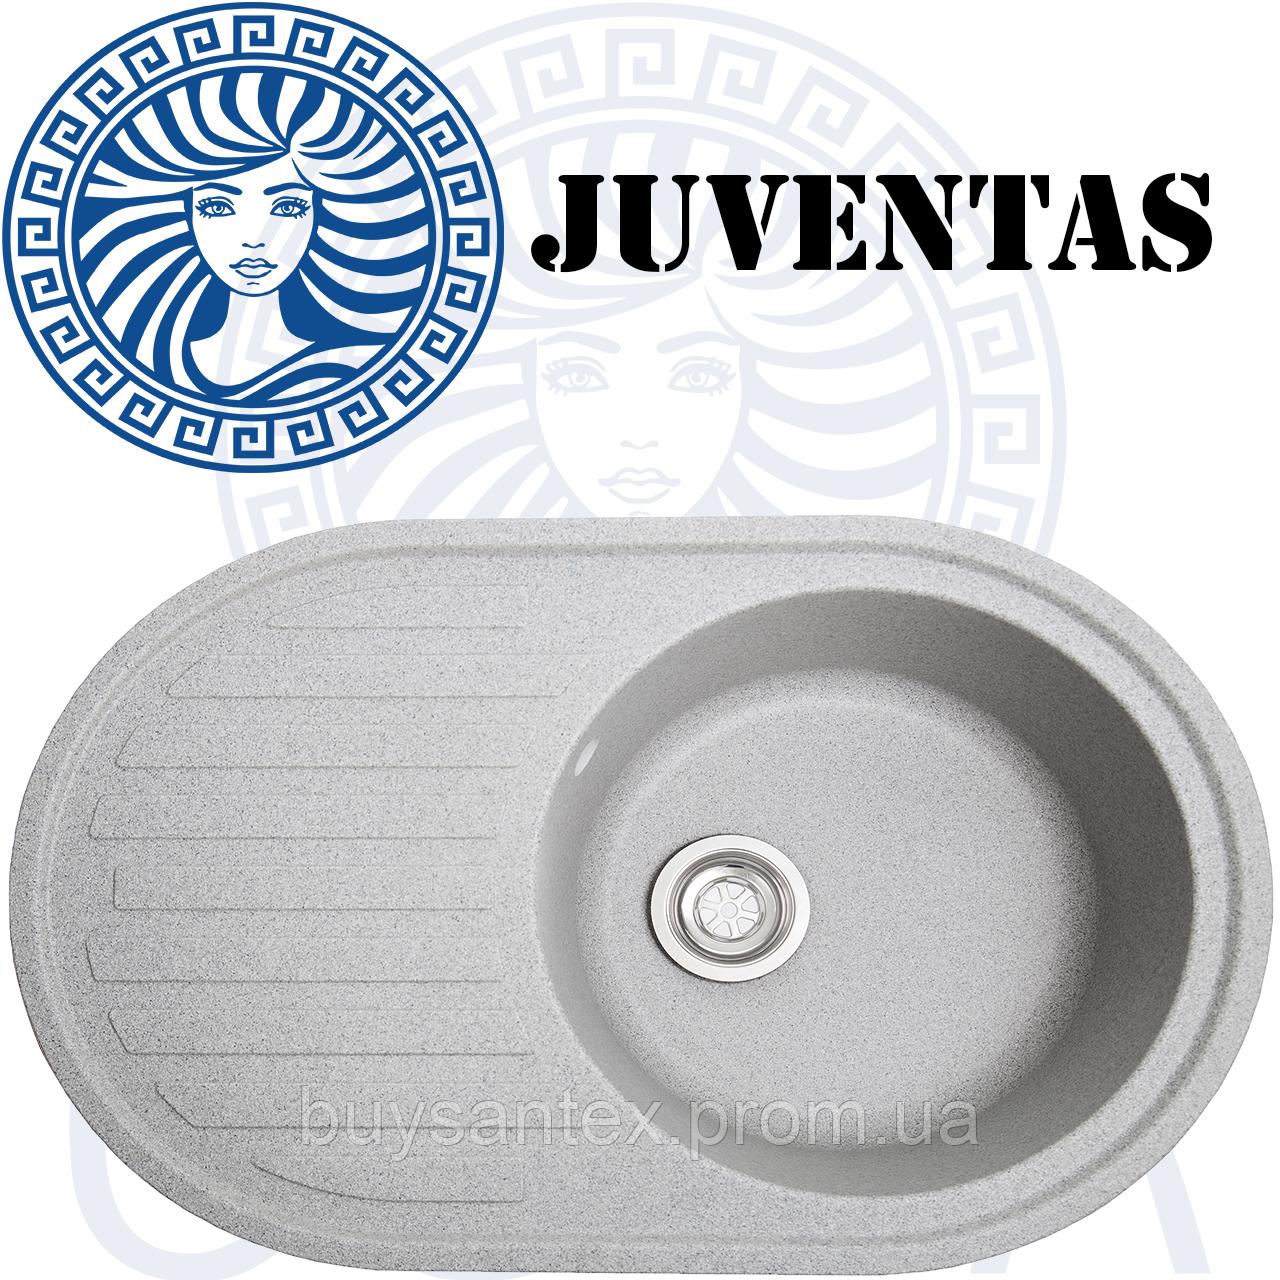 Кухонная мойка Cora - Juventas Grey